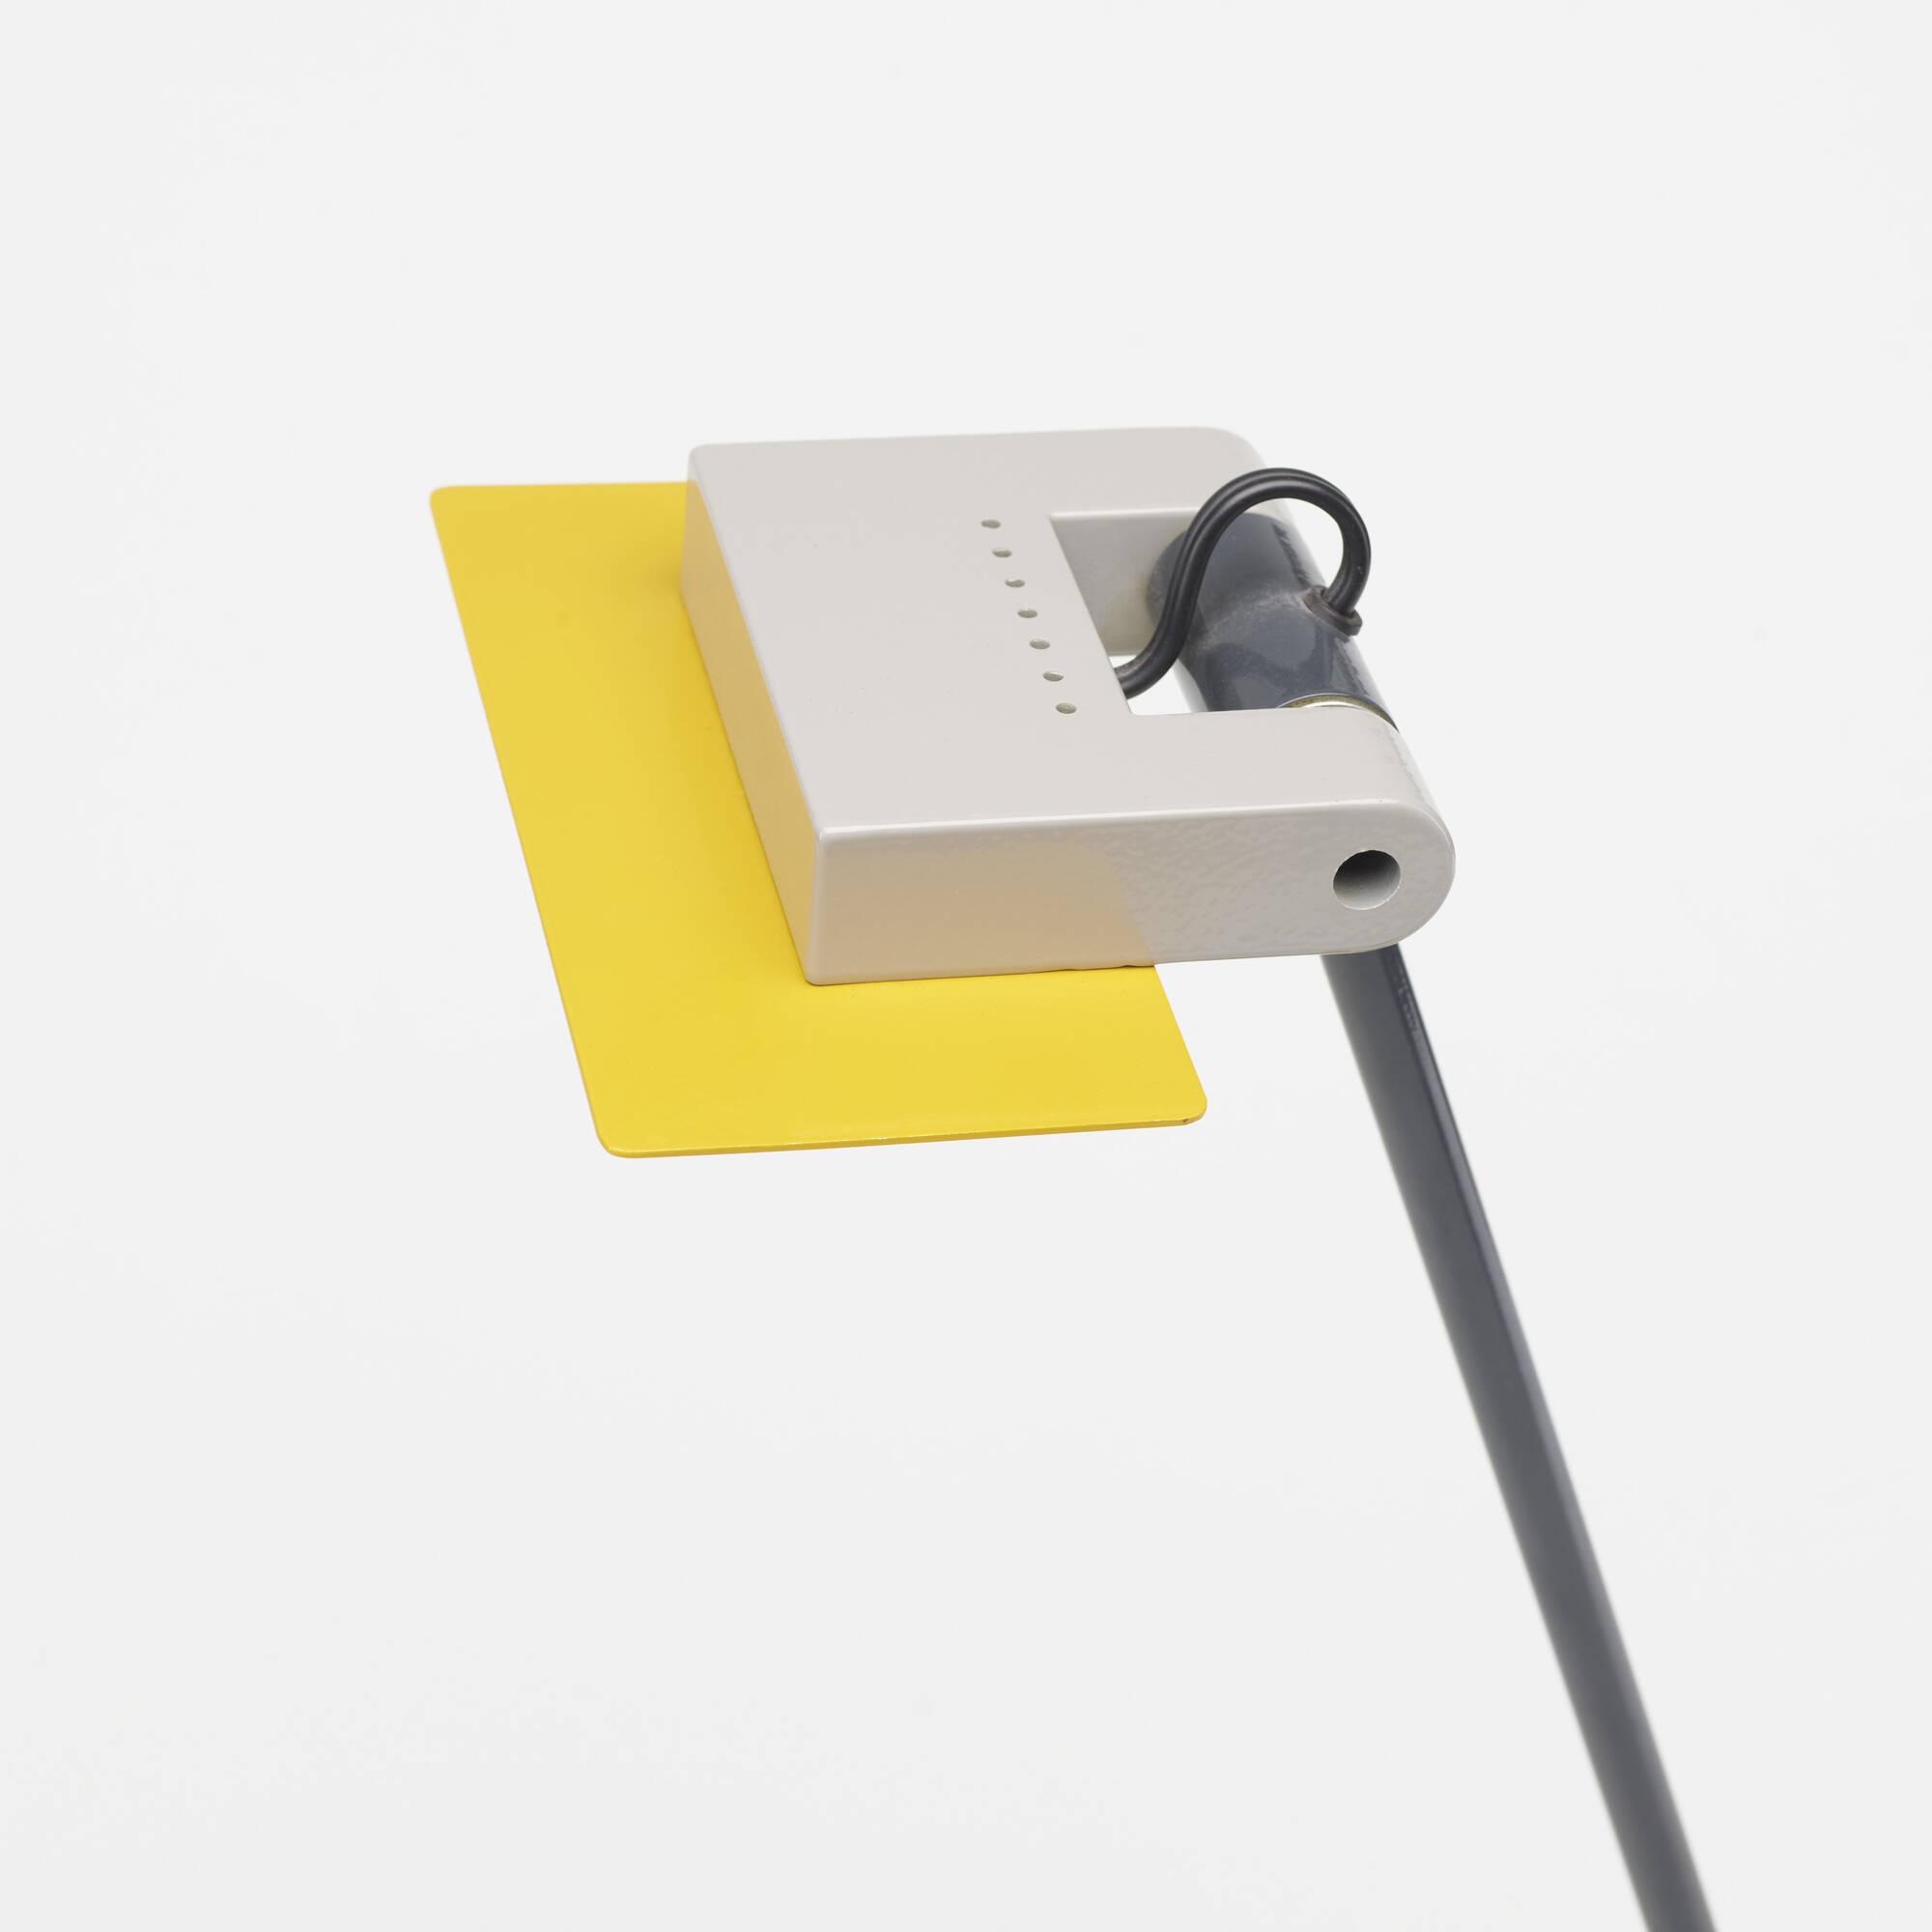 736: Ettore Sottsass / Aero table lamp (2 of 2)